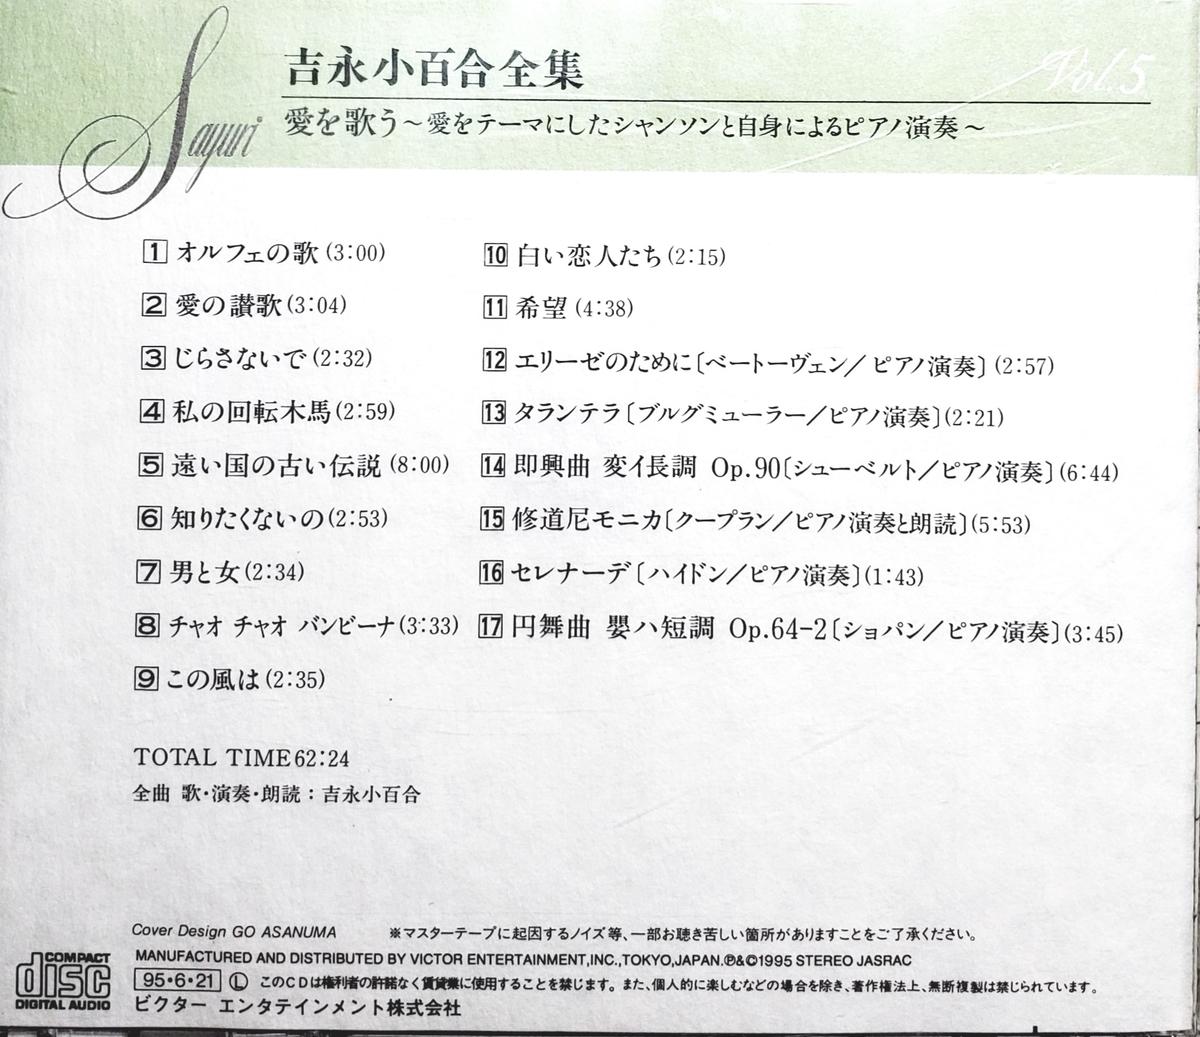 f:id:enjiro:20210908005539j:plain